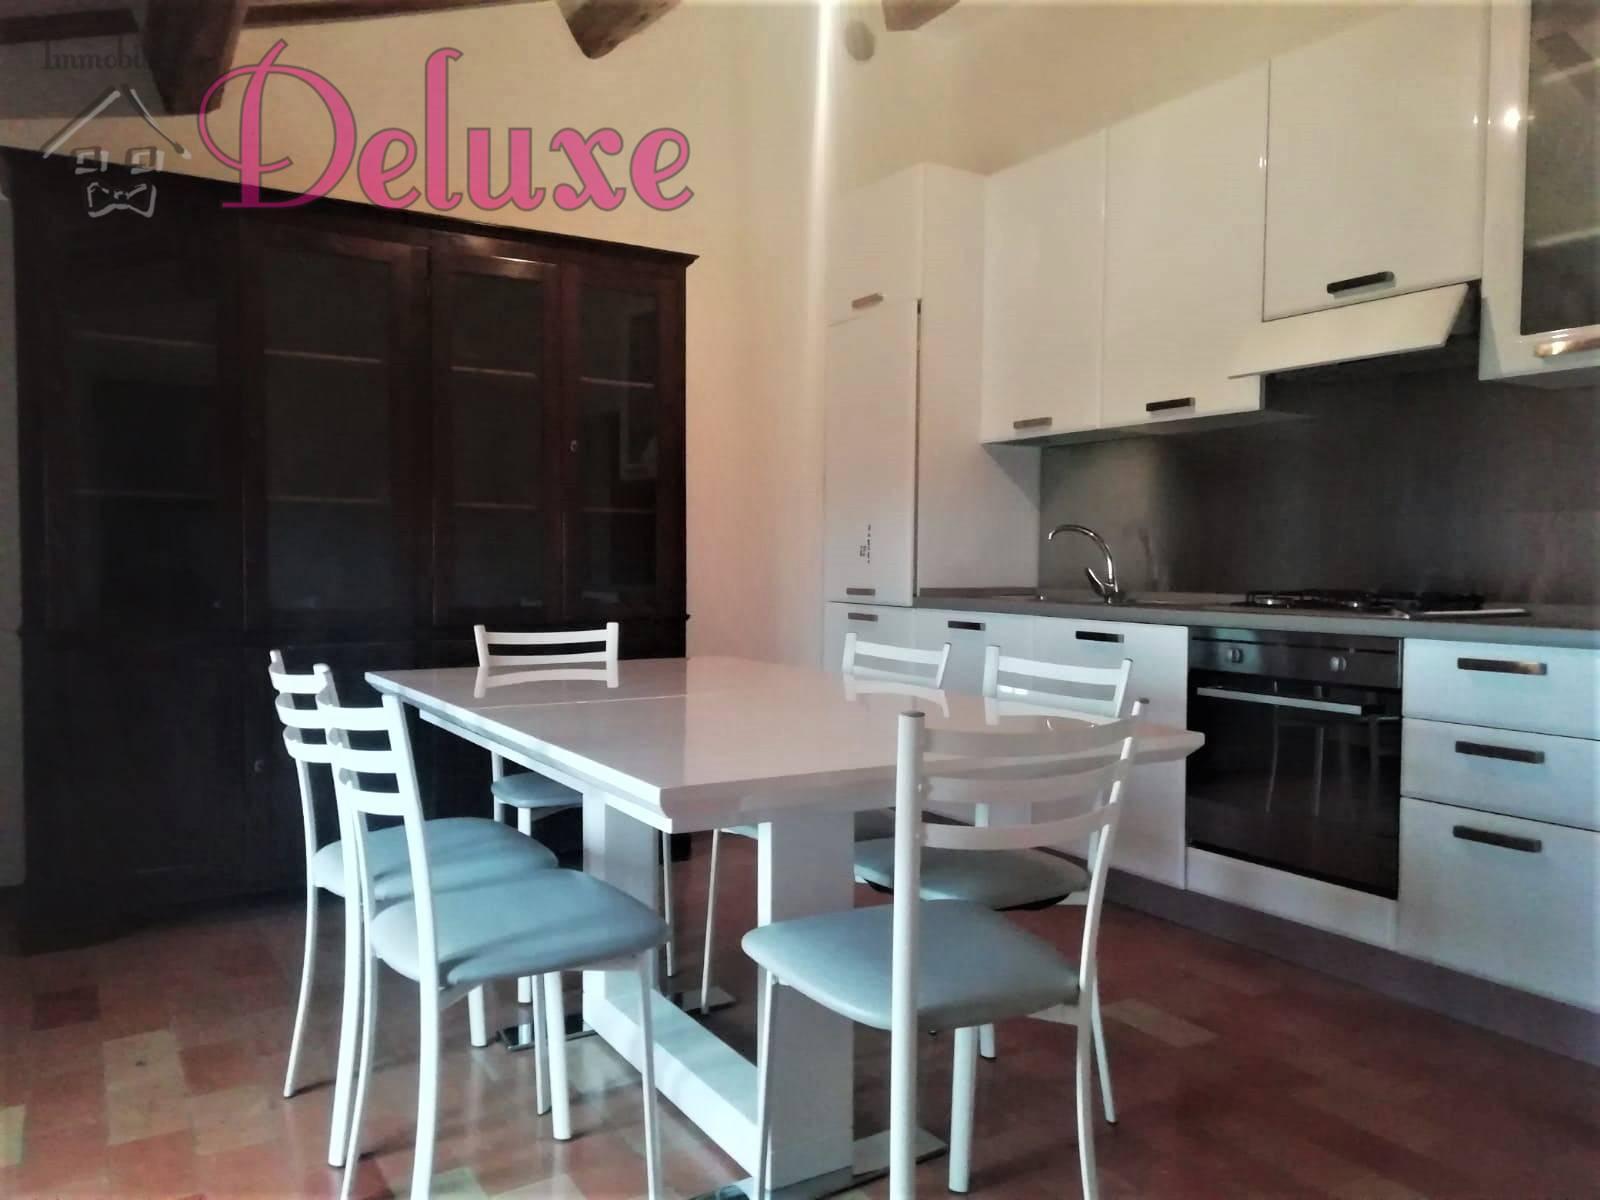 Appartamento in affitto a Macerata, 3 locali, zona Zona: Semicentrale, prezzo € 450 | CambioCasa.it